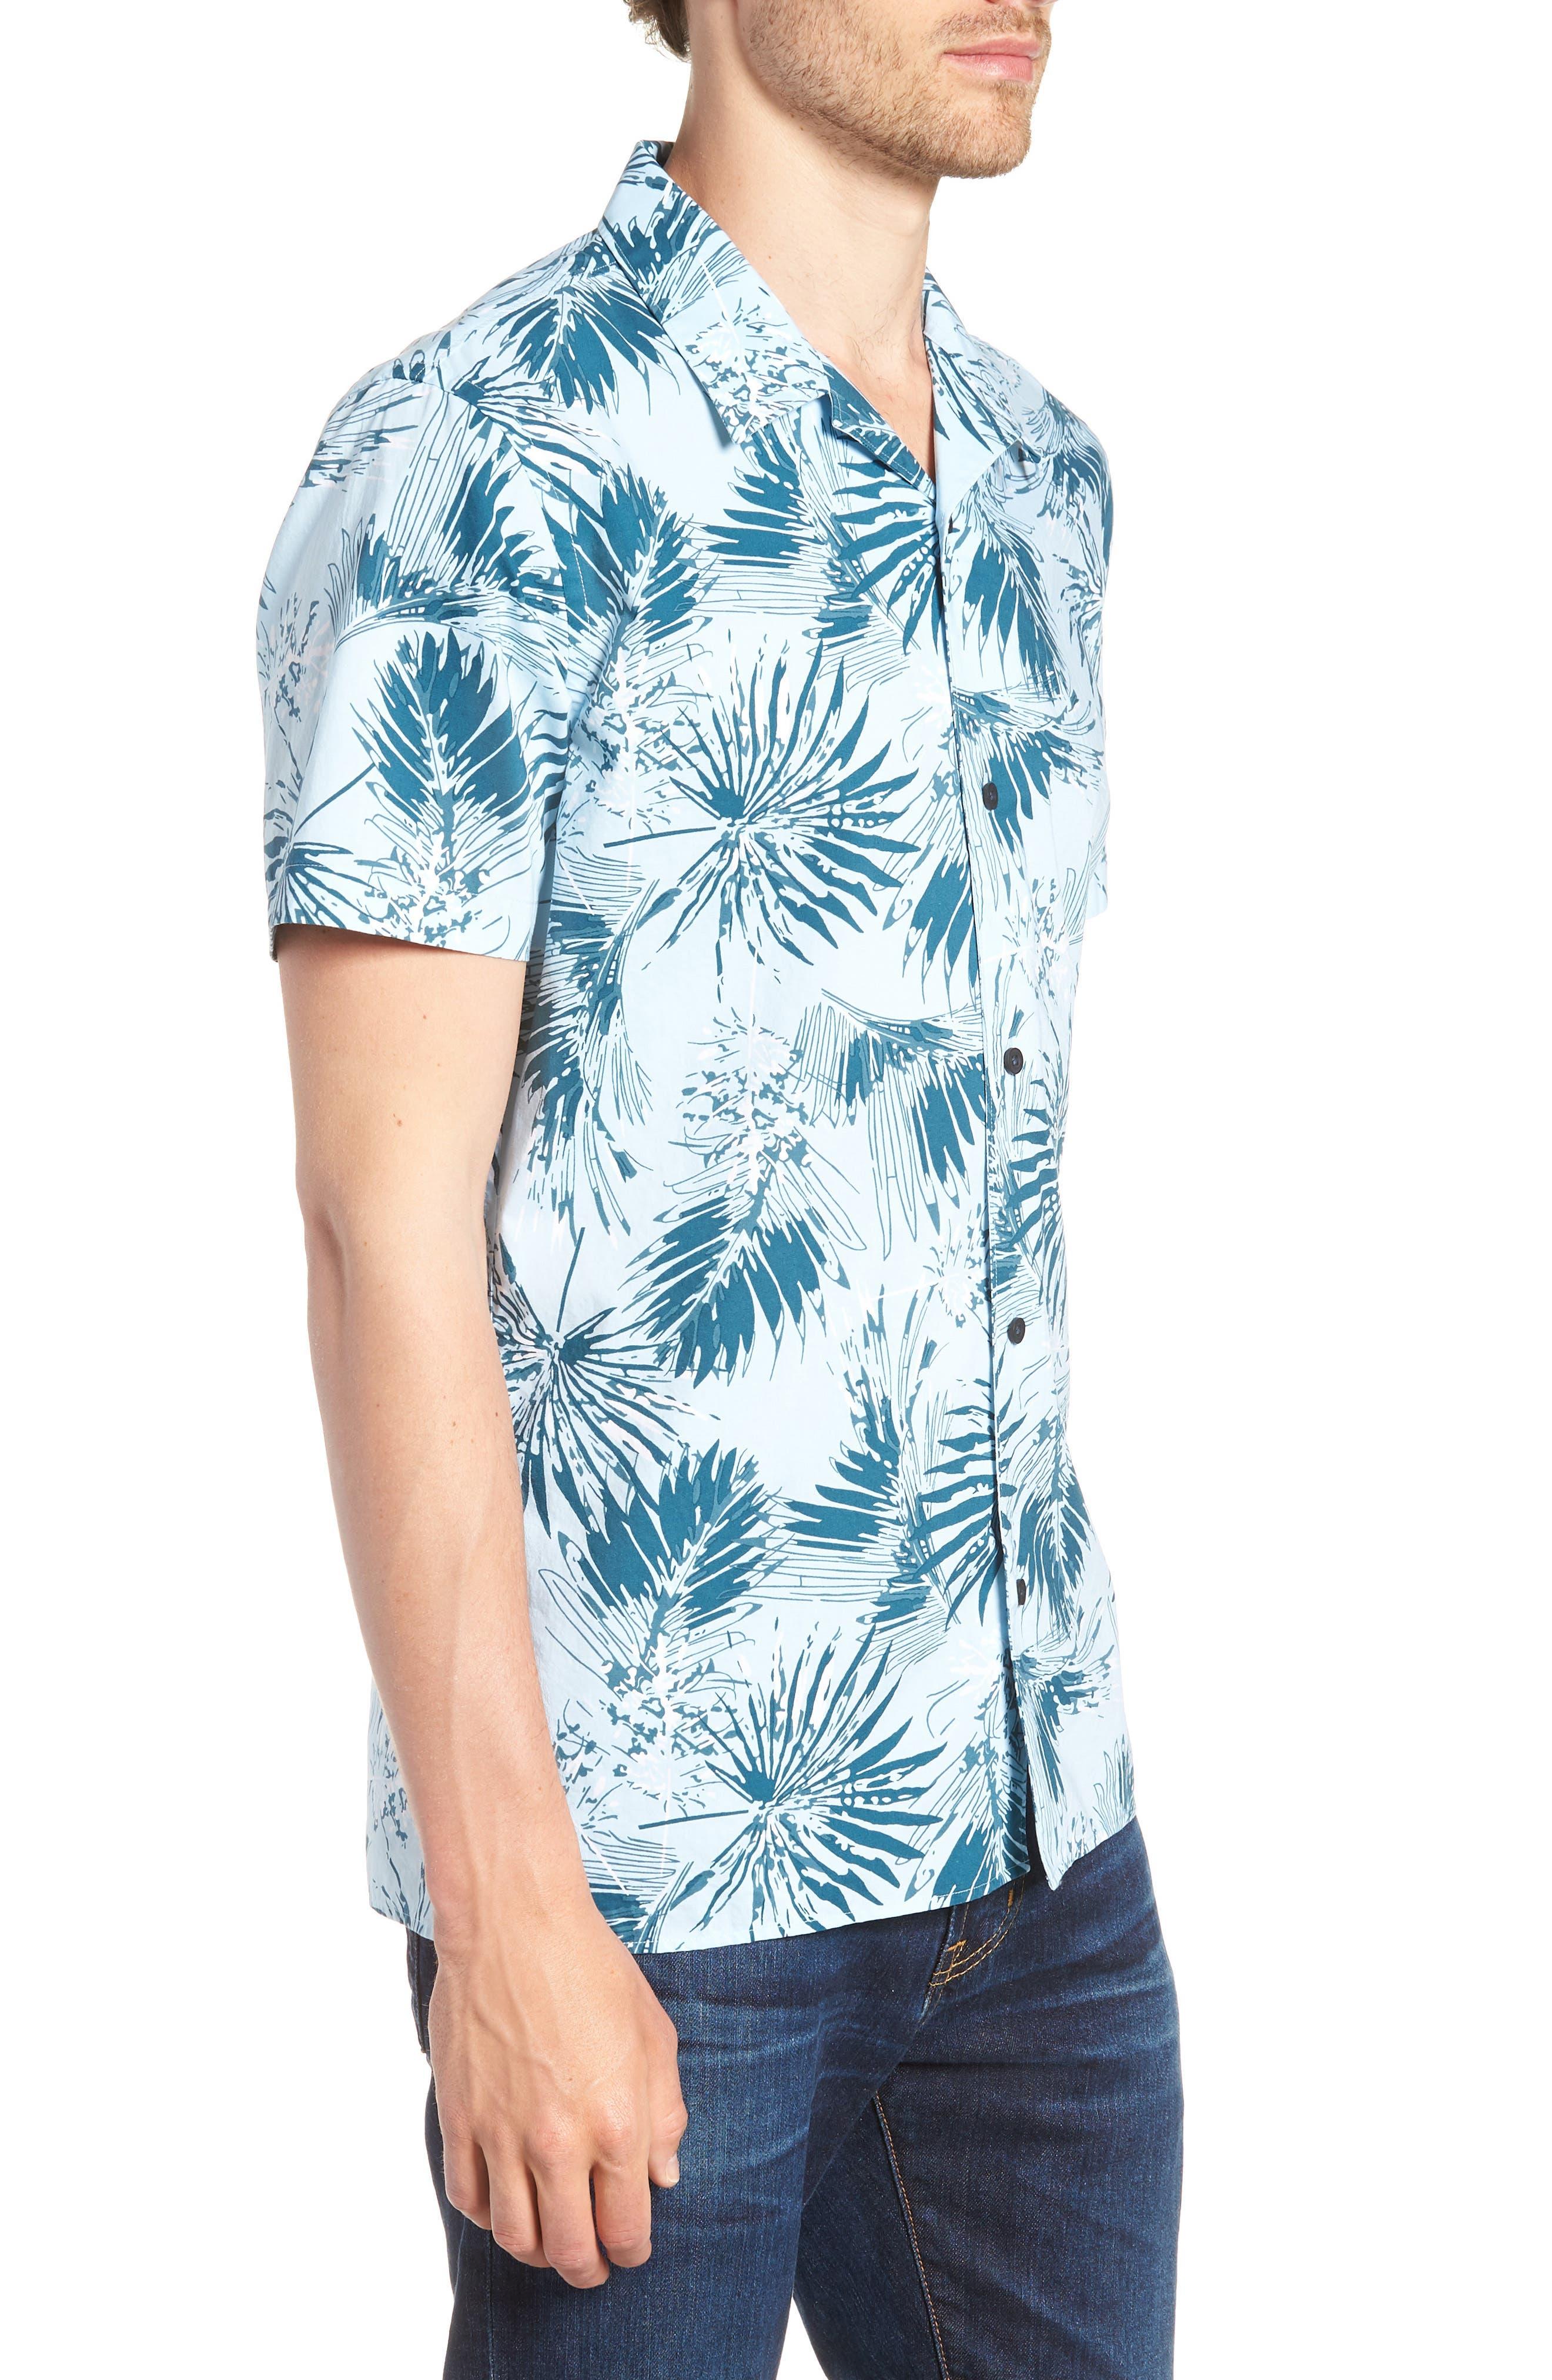 Trim Fit Palm Print Camp Shirt,                             Alternate thumbnail 3, color,                             BLUE CLOUD FAN PALMS